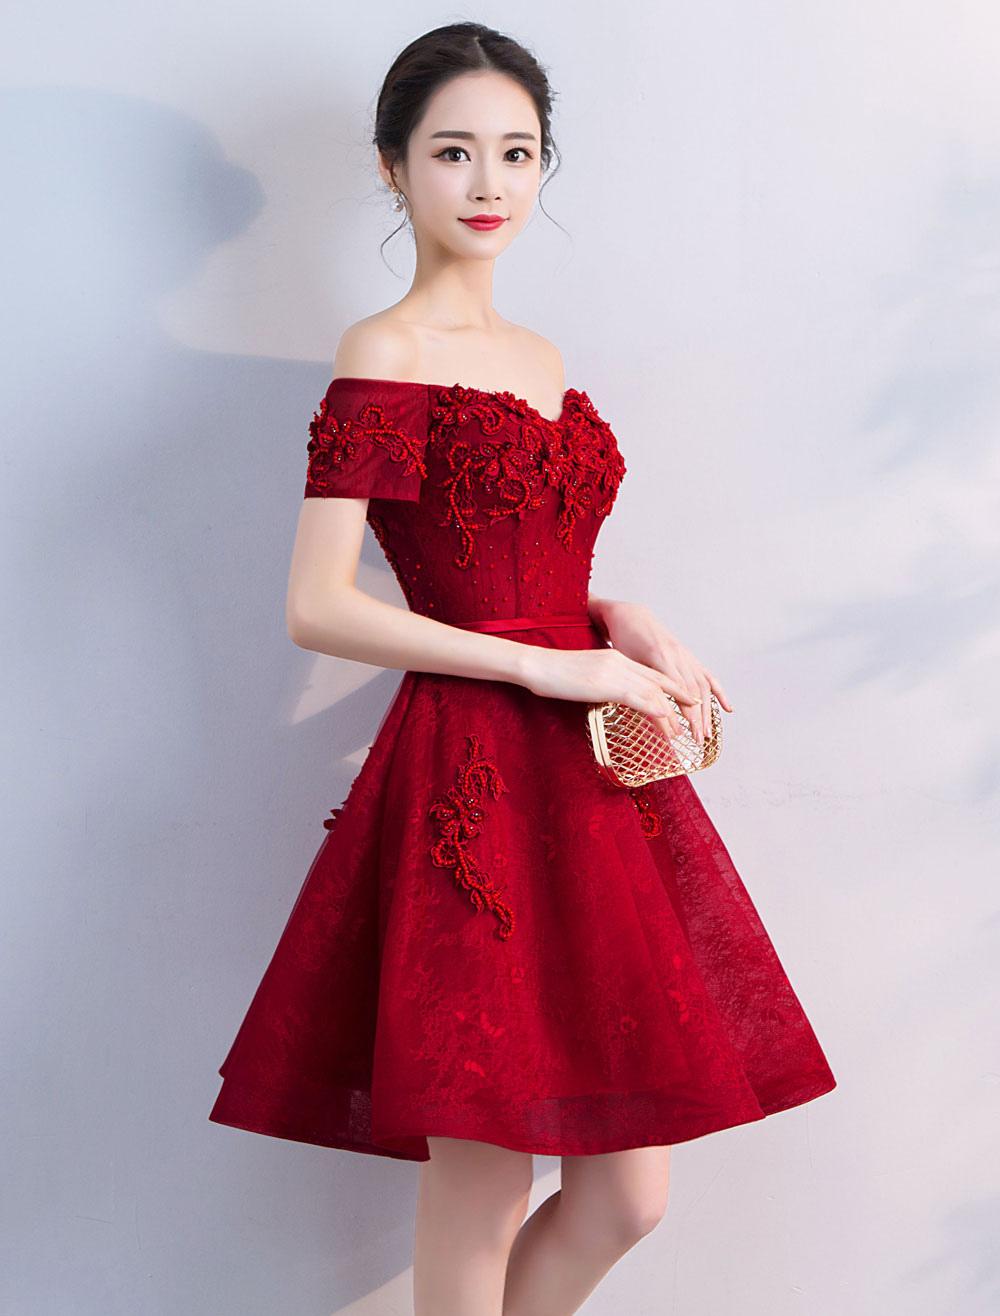 Short Prom Dresses Burgundy Lace Off The Shoulder Graduation Dress A Line Mini Party Dress